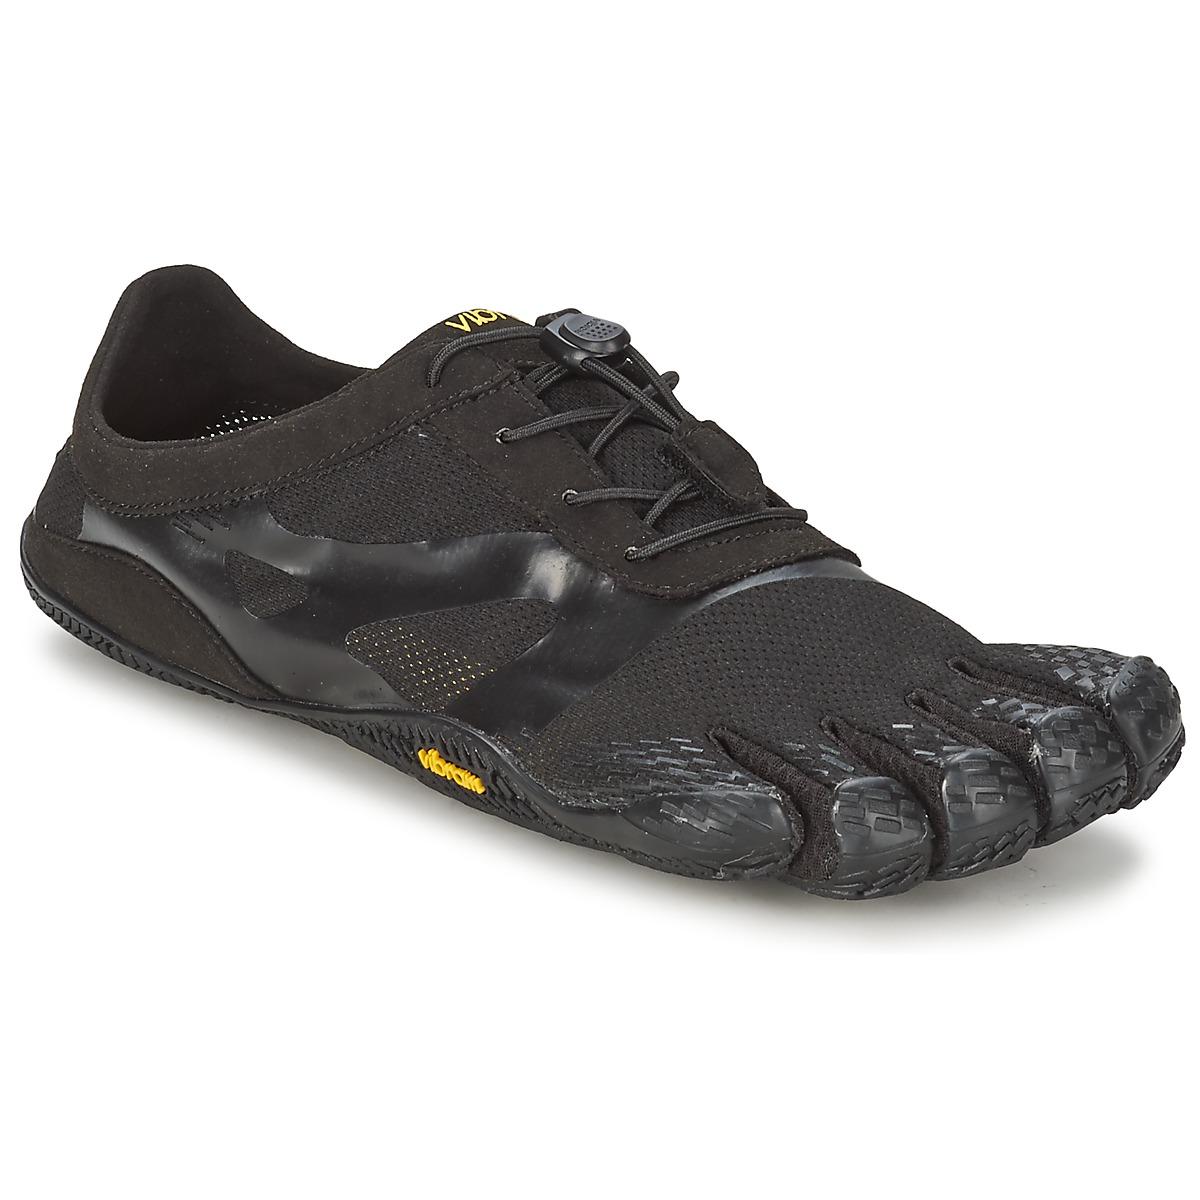 Chaussures-de-running Vibram Fivefingers KSO EVO Noir